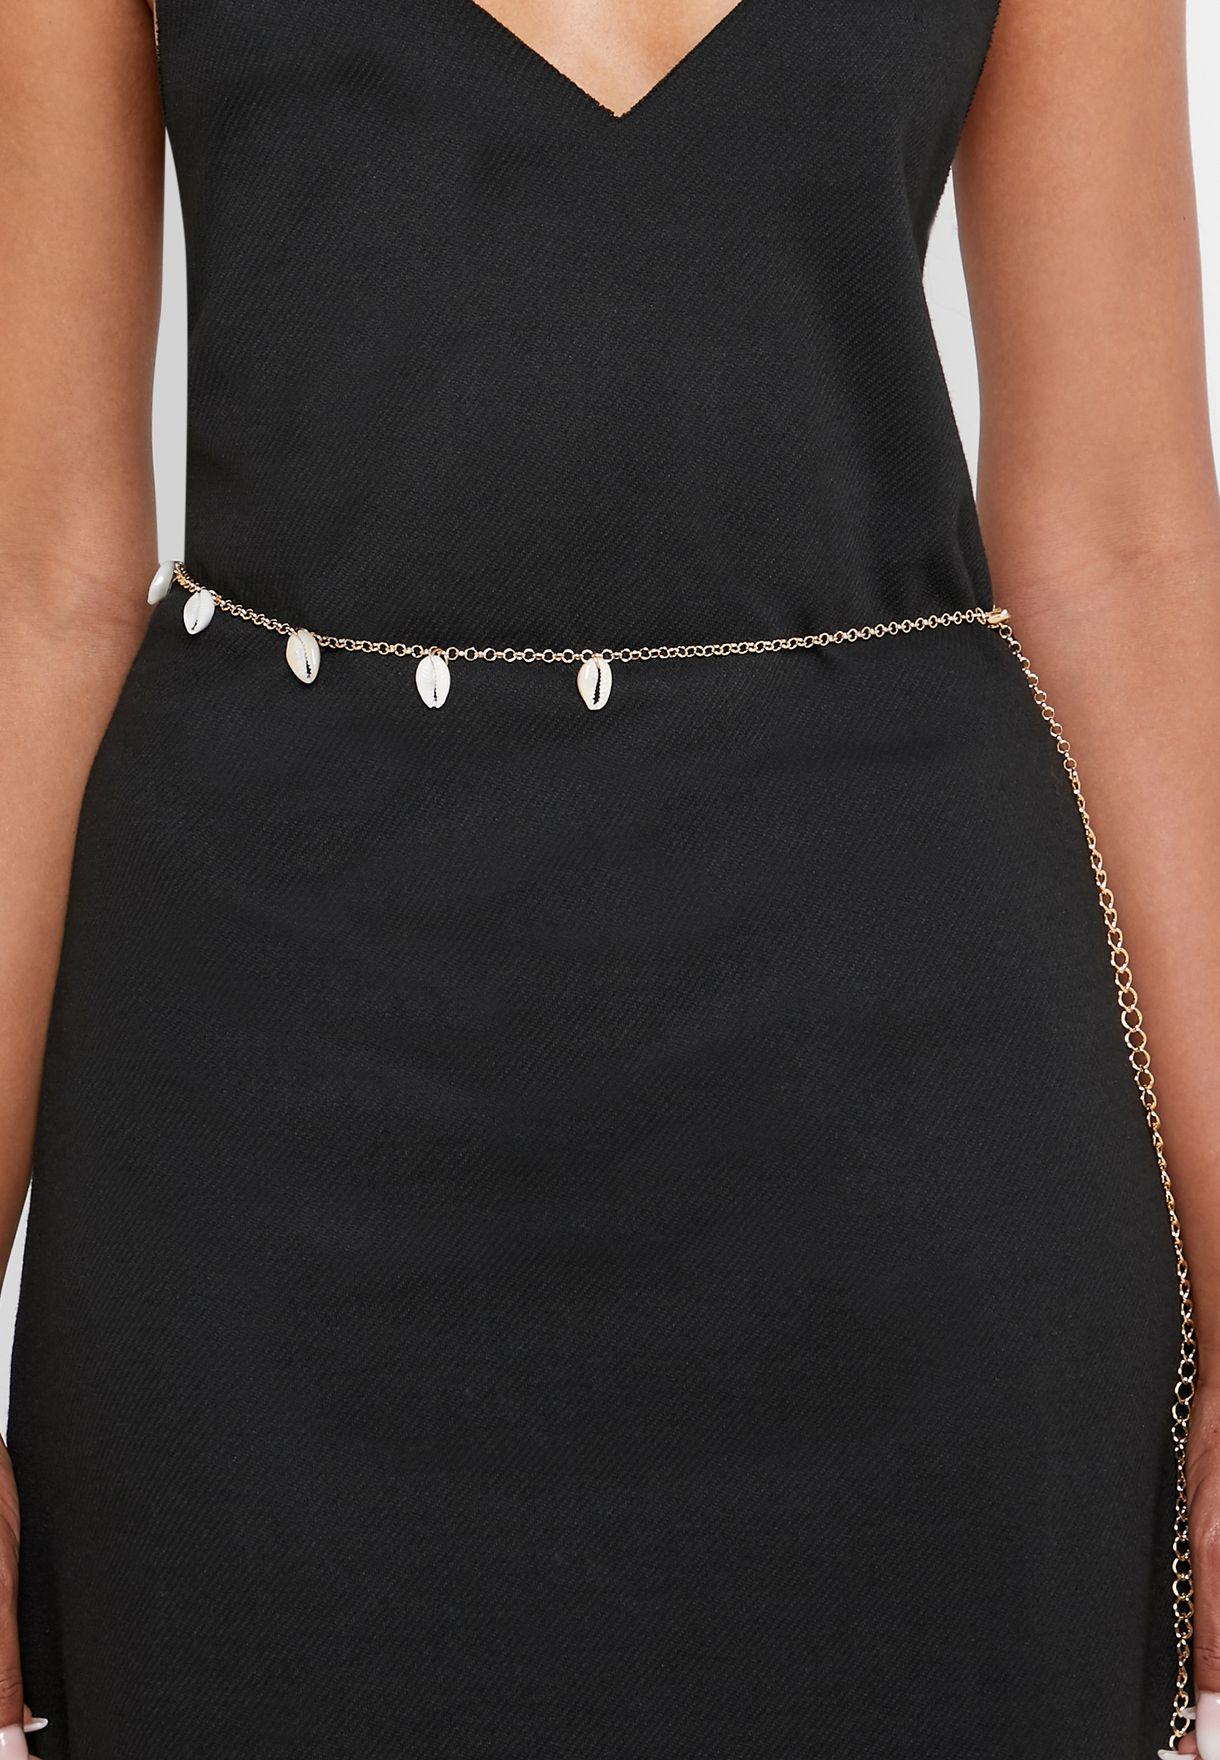 Shell Detail Chain Belt